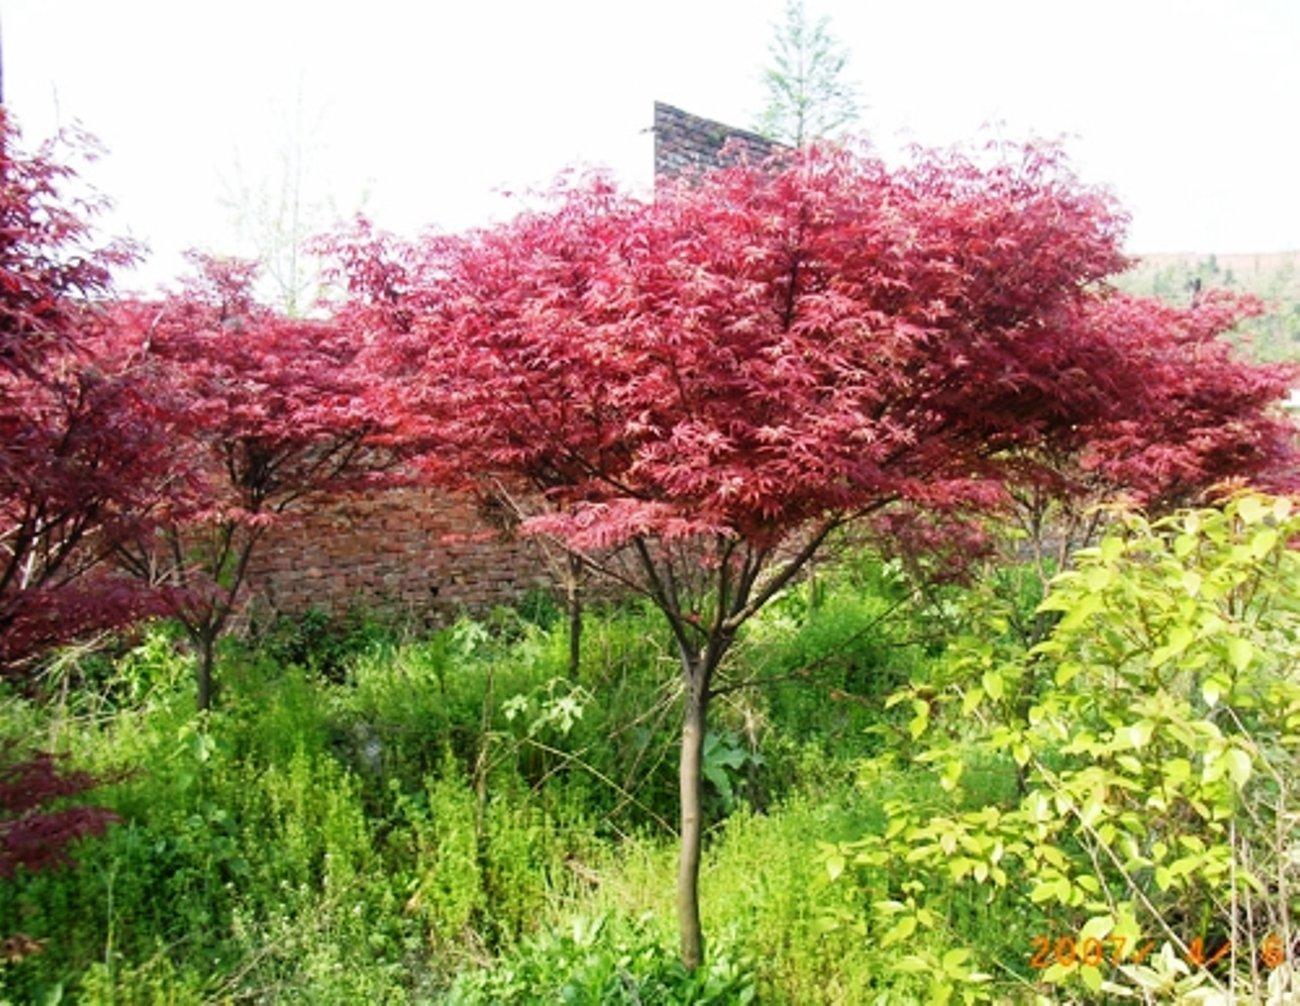 【旭昇景觀樹園藝行】紅楓高2-3米.米徑7-9公分.黑松桂花油杉赤松九芎含笑羅漢松雪松